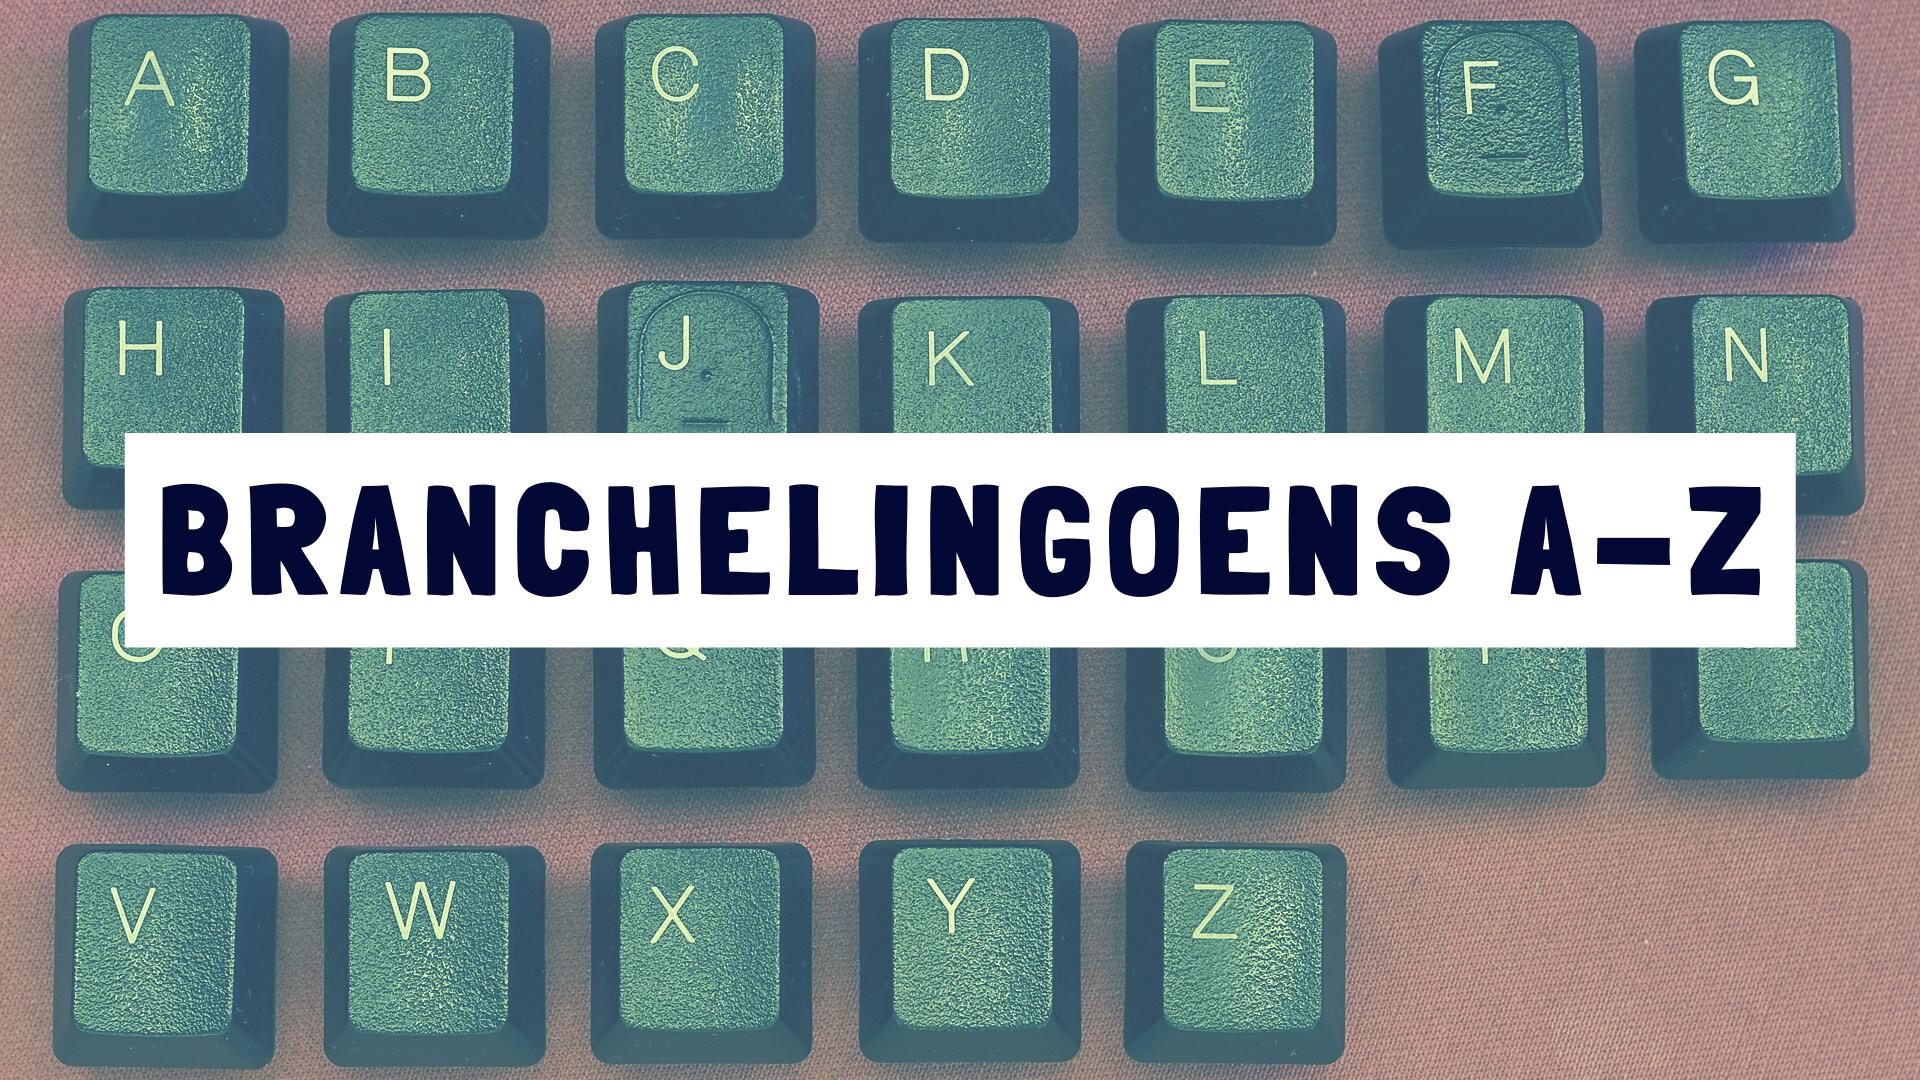 Branchelingoens A-Z